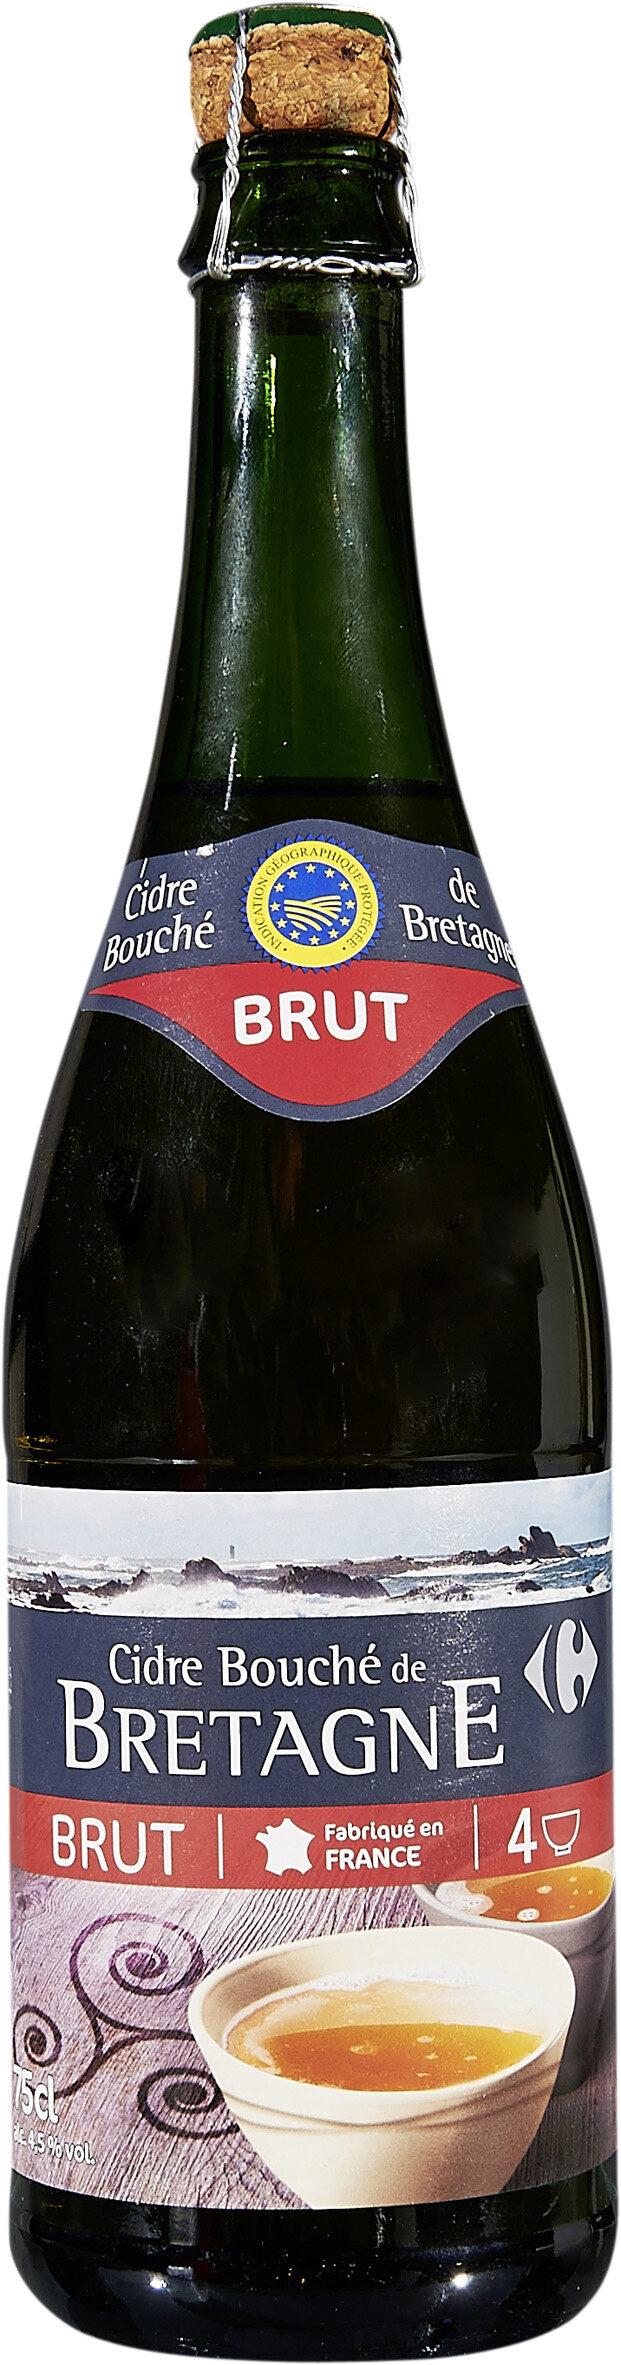 Cidre Bouché de Bretagne IGP Brut - Produit - fr